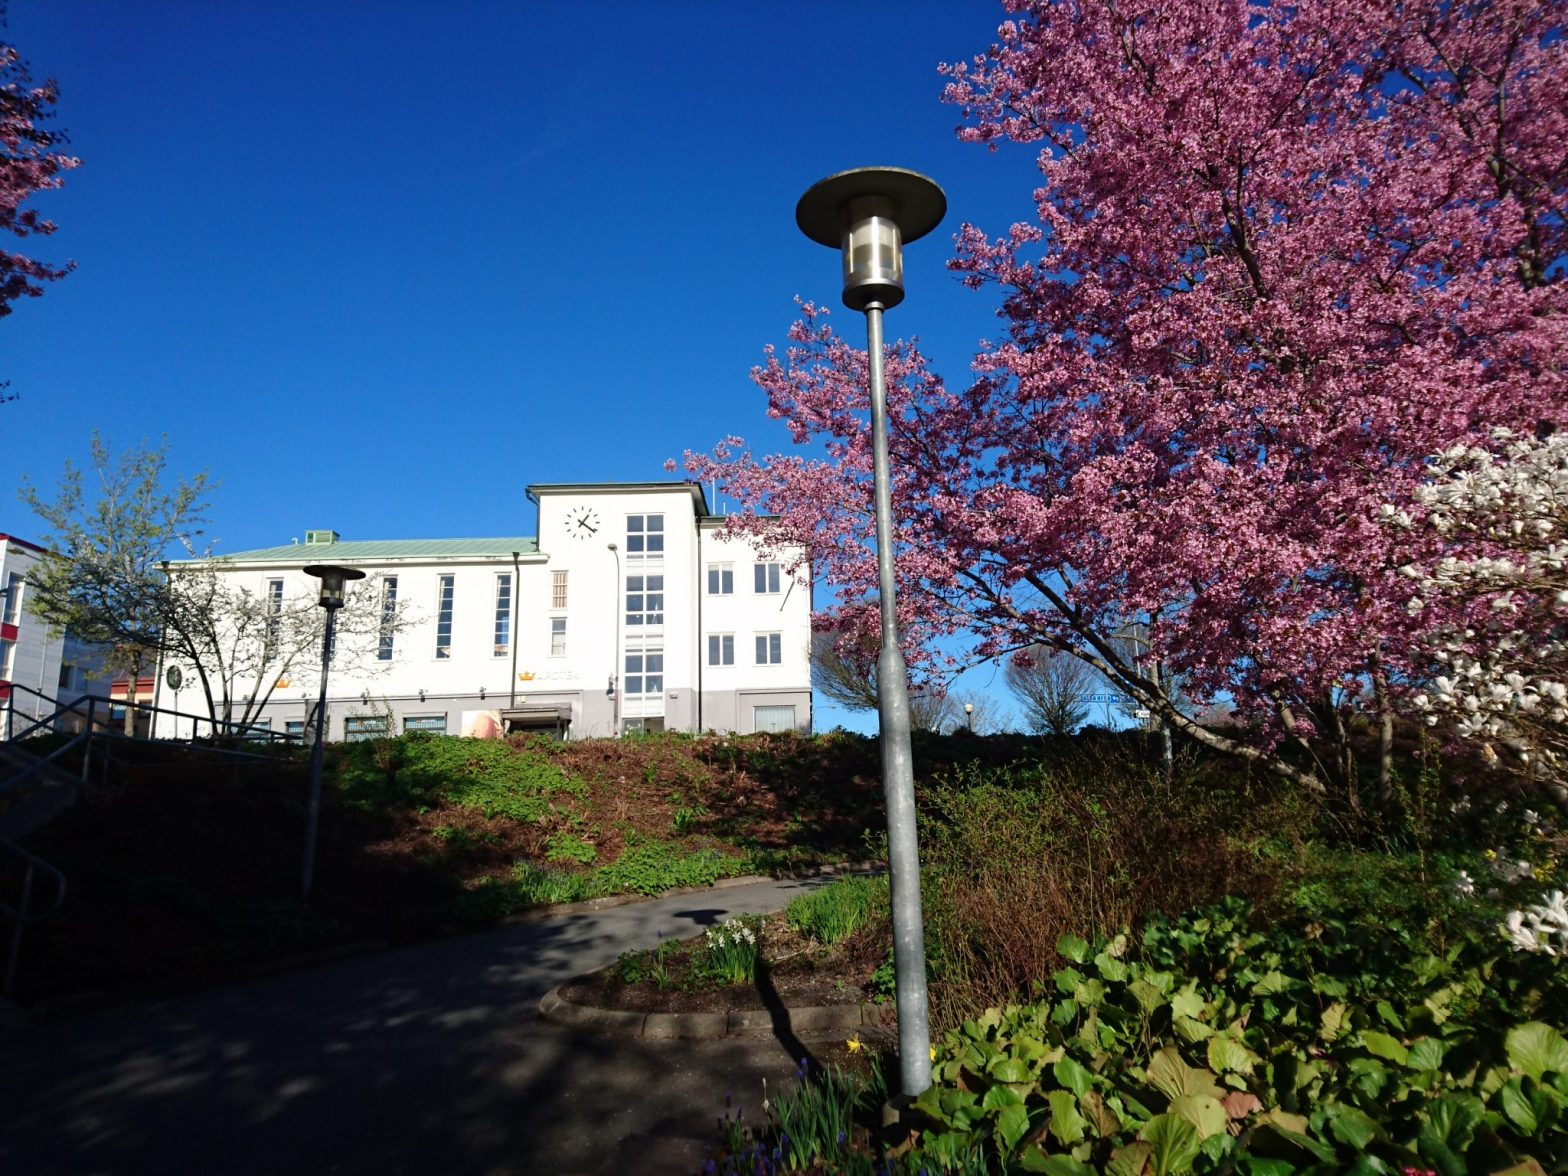 Blommande körsbärsträd och magnolior vid gamla Sävsjö stadshotell